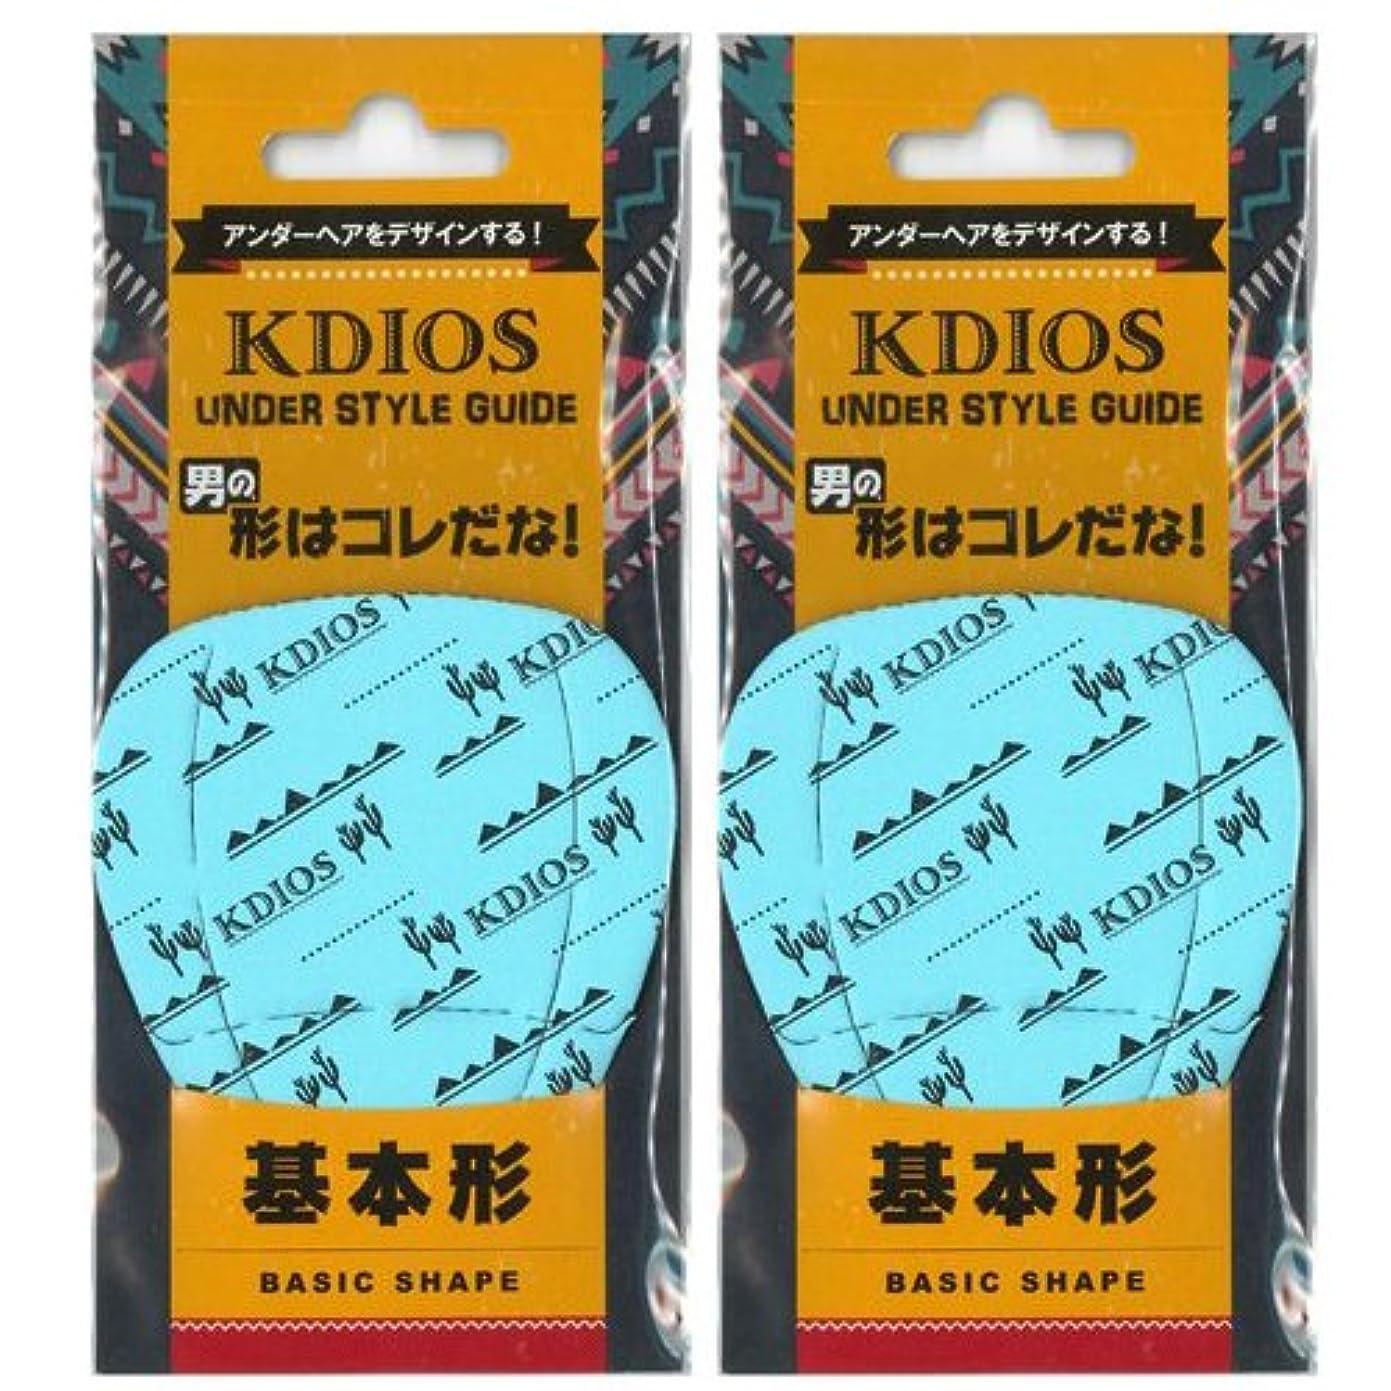 思い出させるマングルマングルKDIOS(ケディオス) アンダースタイルガイド 「基本形」 FOR MEN ×2個セット